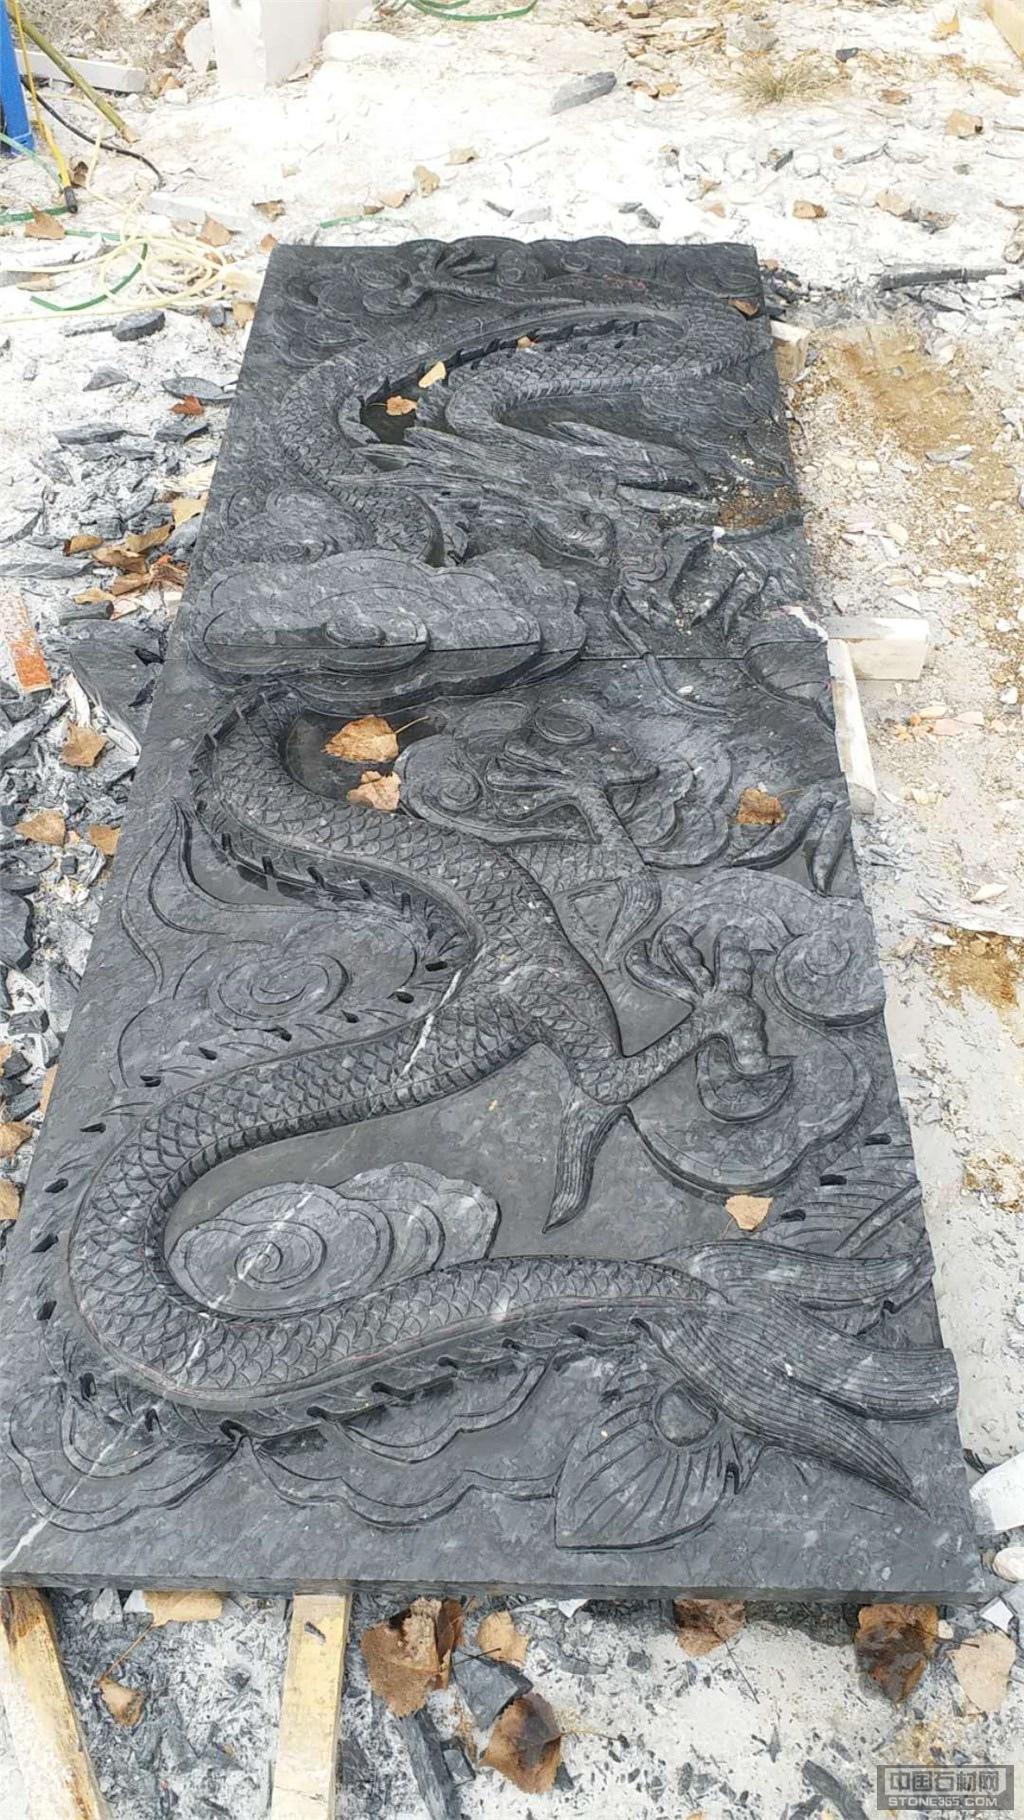 供应石头雕刻壁画 石雕刻工艺品